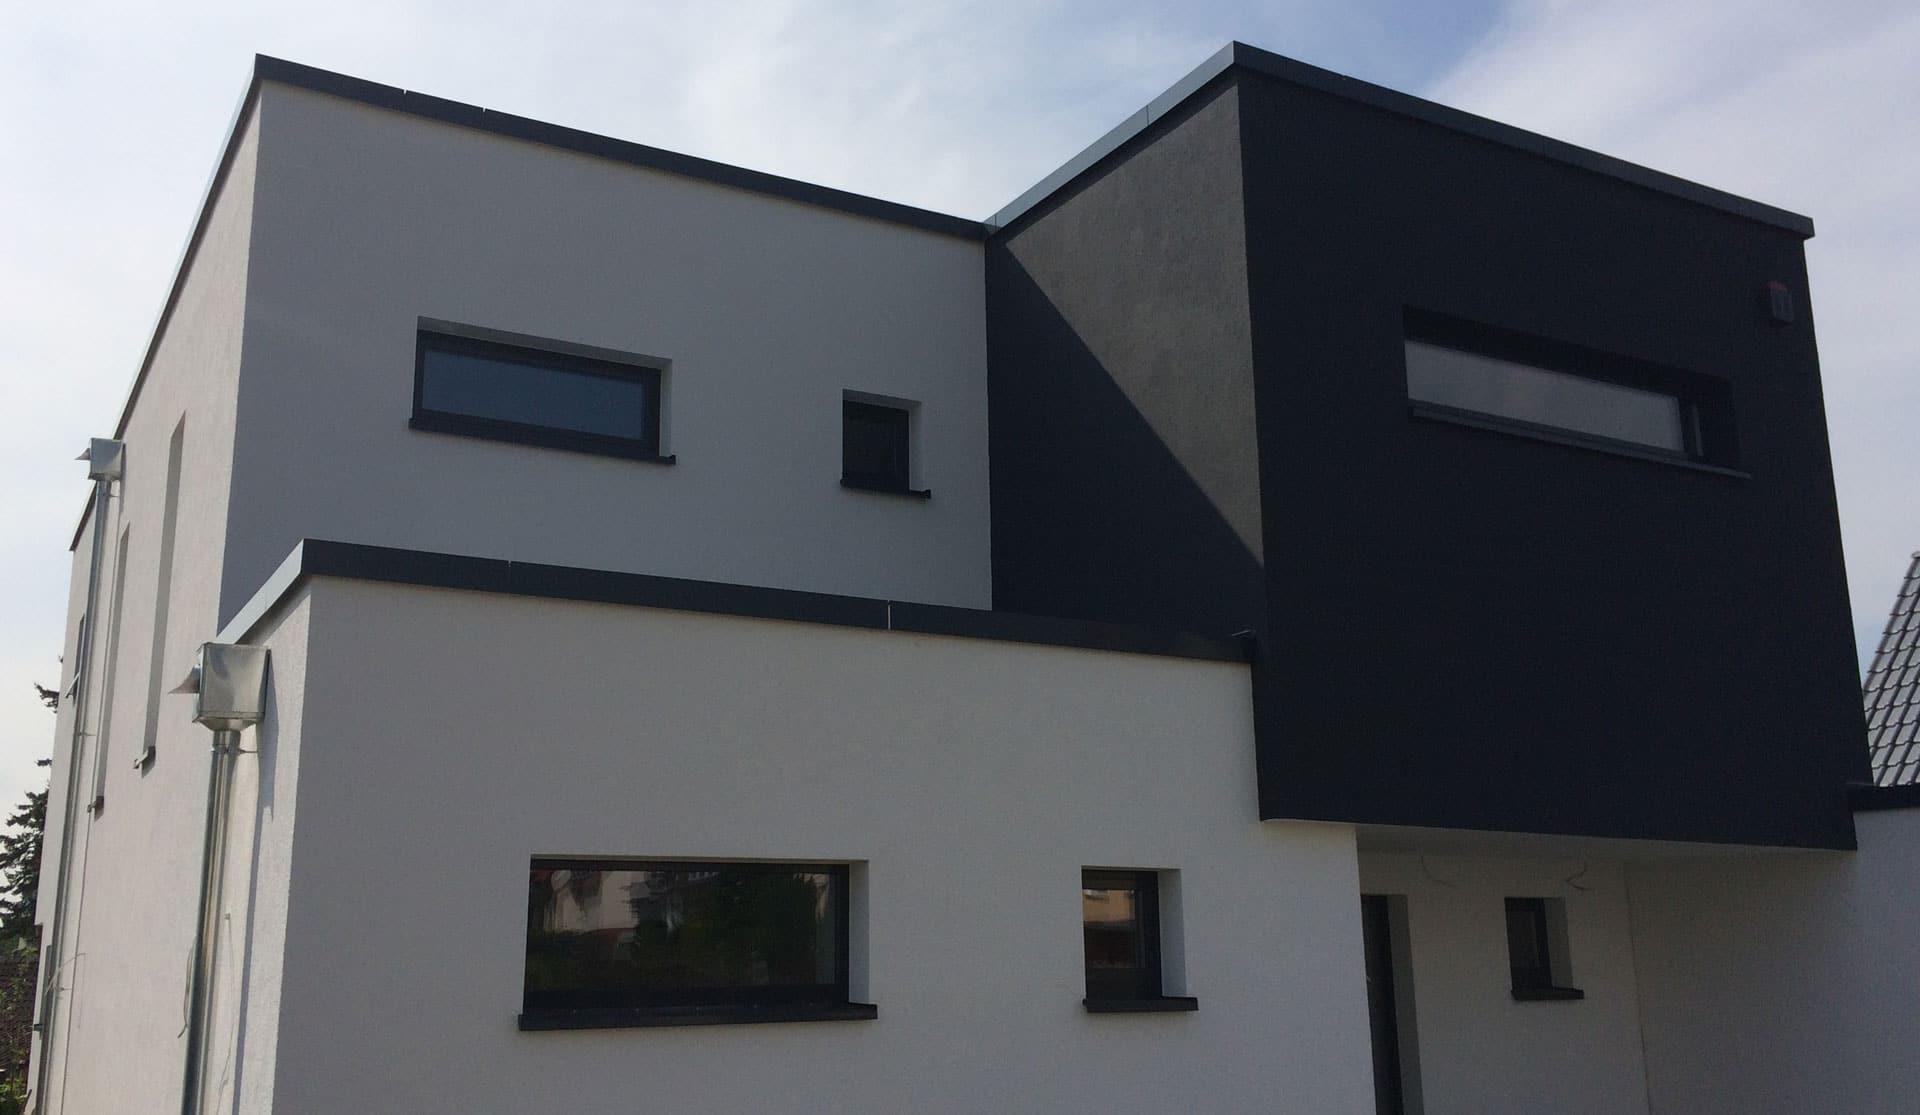 hausbau magazin beste wohndesign und innenarchitektur ideen von the camp director. Black Bedroom Furniture Sets. Home Design Ideas